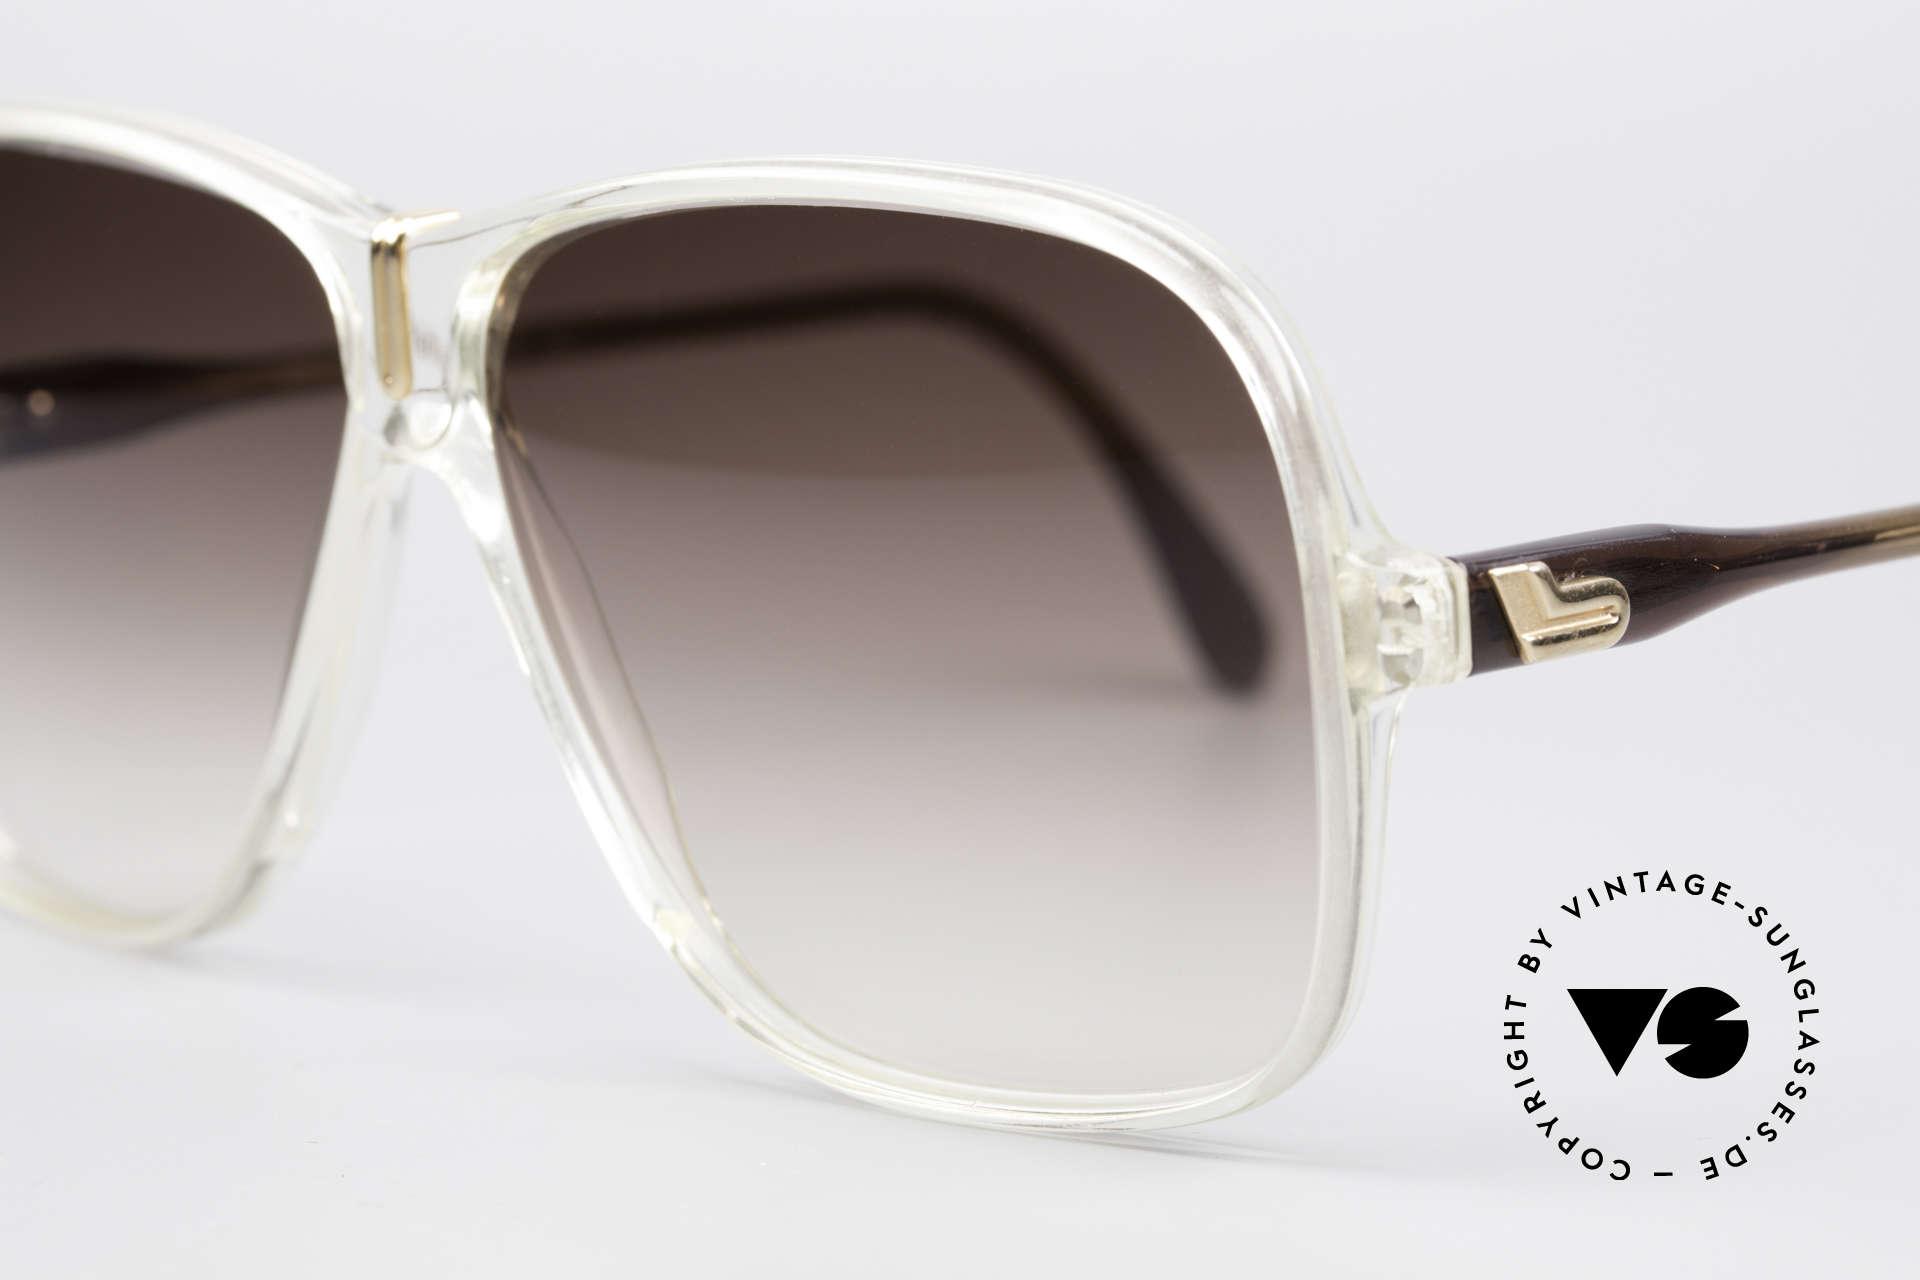 Cazal 621 West Germany Sonnenbrille, ungetragen (wie alle unsere alten Cazal-Brillen), Passend für Herren